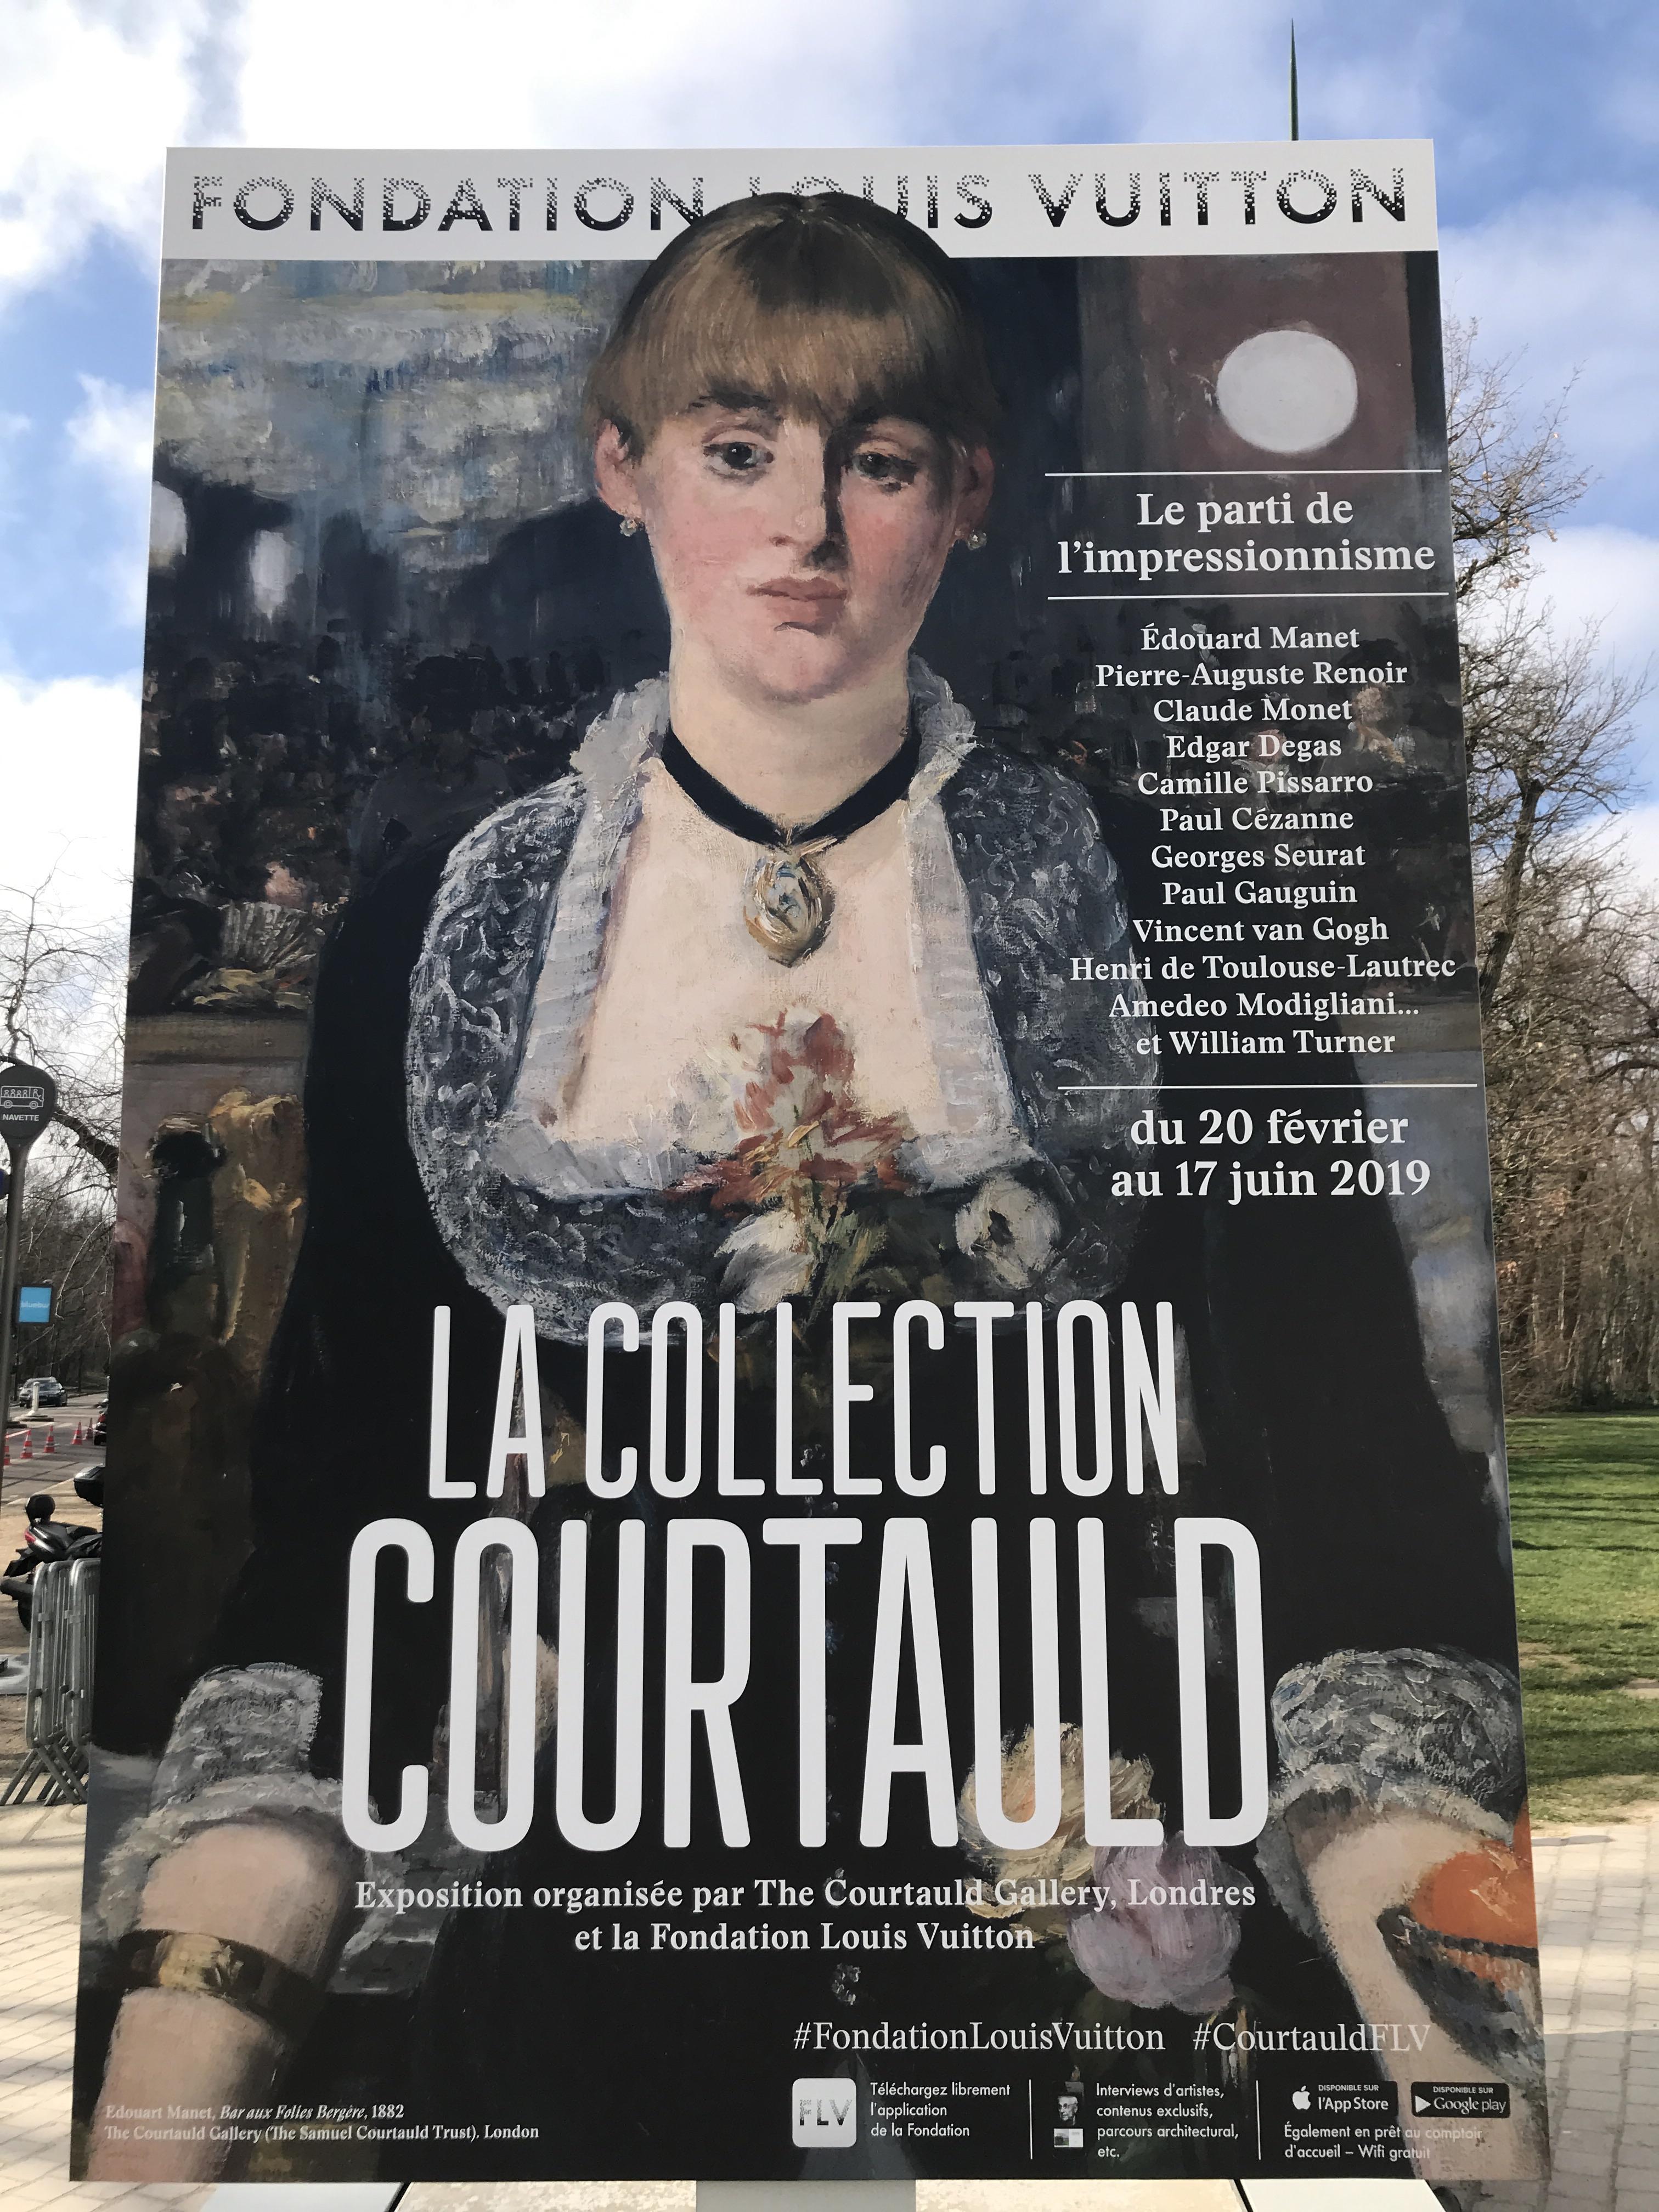 Collection Courtauld Fondation Louis Vuitton : collection, courtauld, fondation, louis, vuitton, Collection, Courtauld, Fondation, Louis, Vuitton, Parisienne